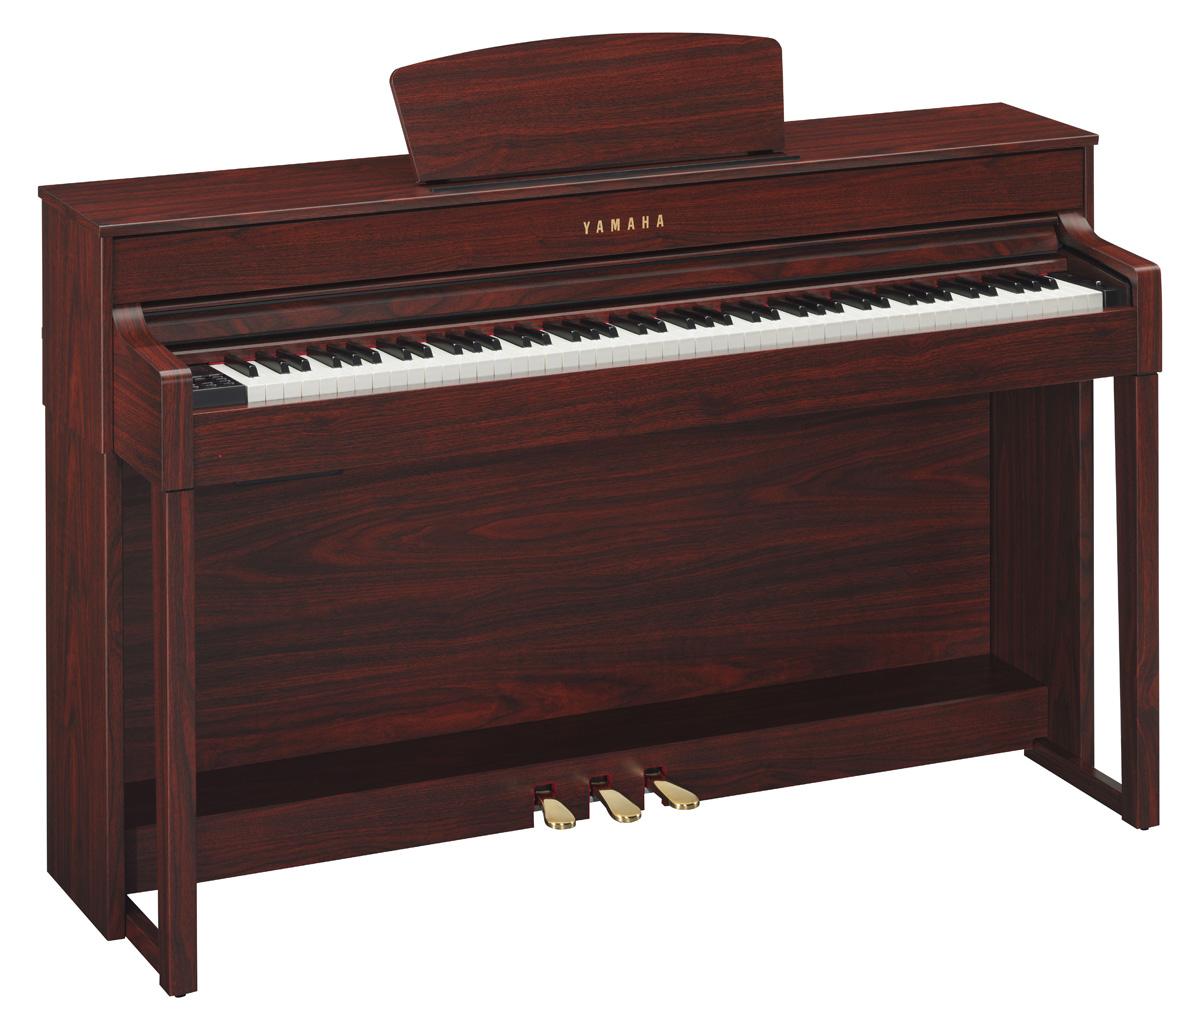 Yamaha clp 535 clavinova digital piano in mahogany finish for Yamaha digital piano clp 535